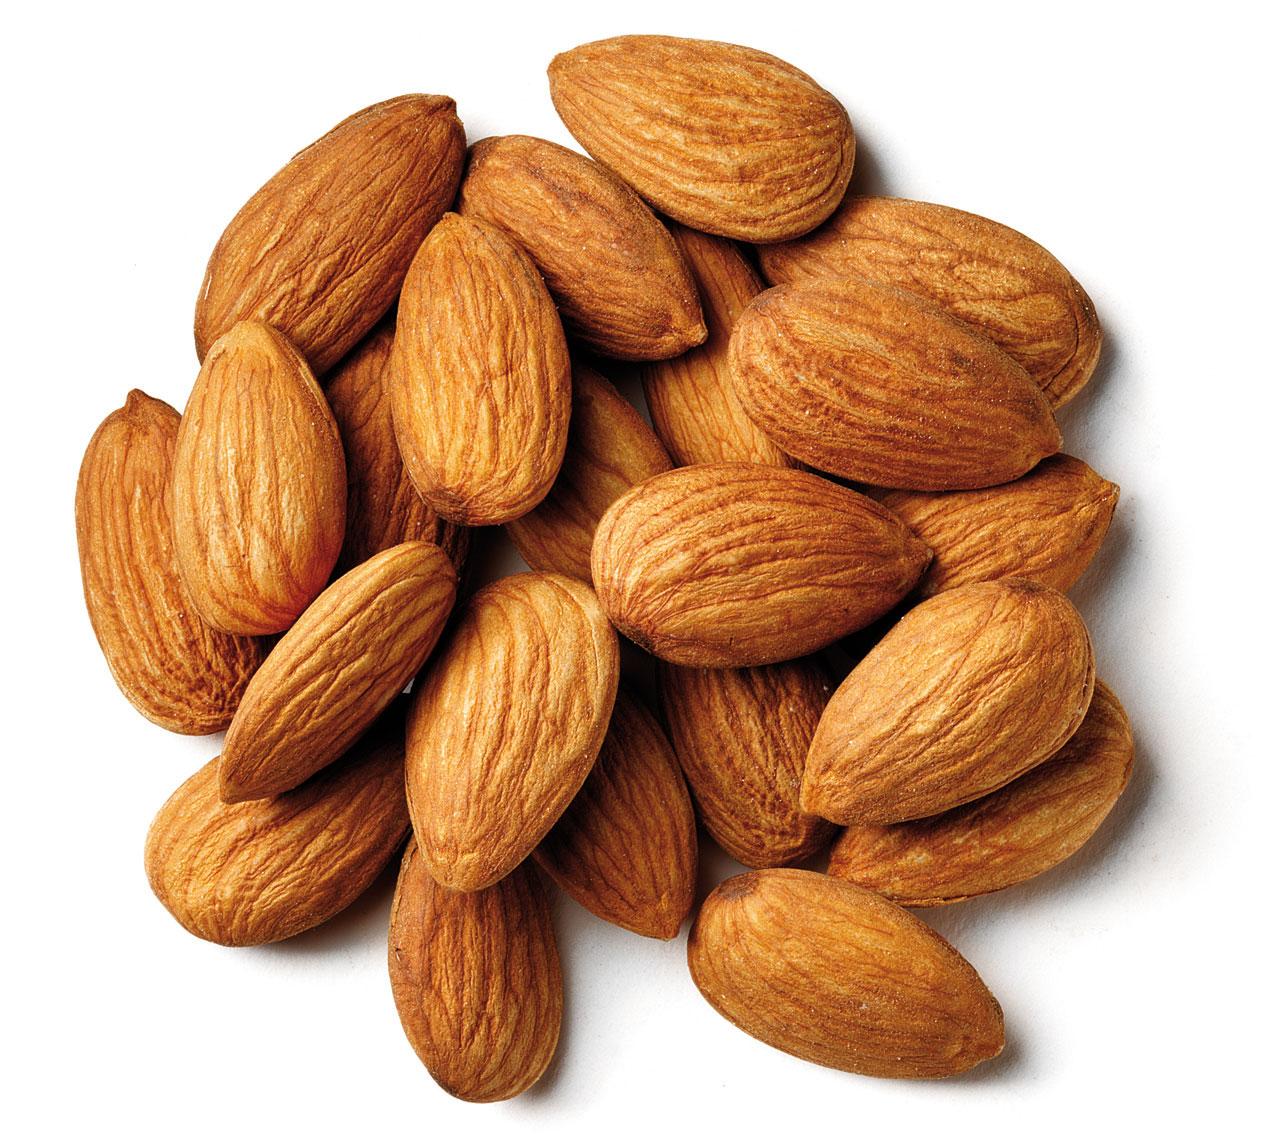 Manfaat Kacang Almond untuk Wanita